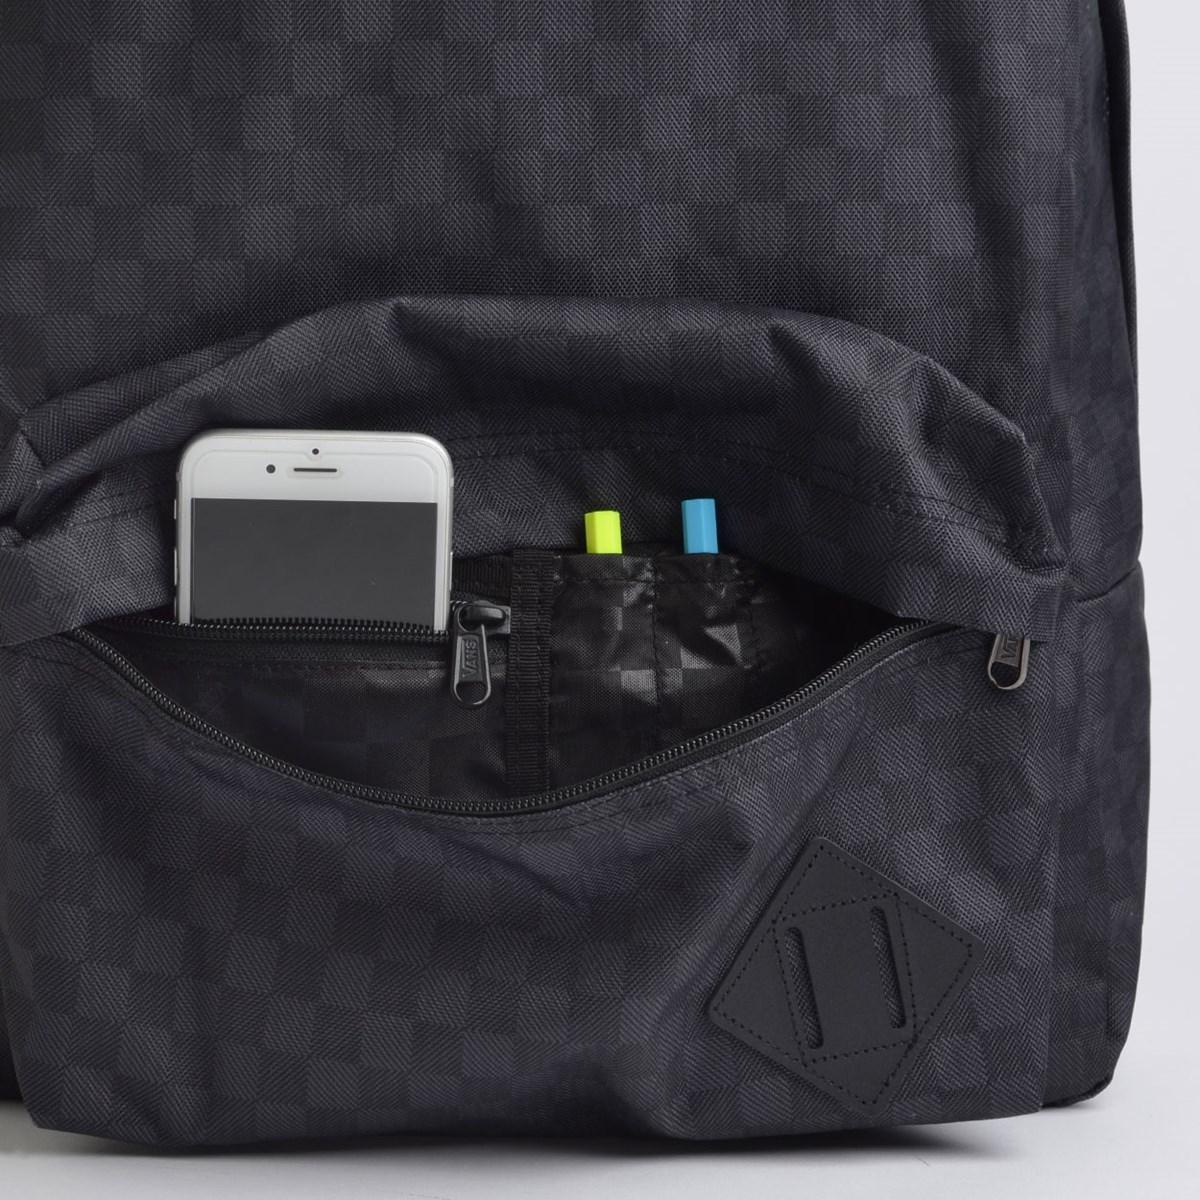 Mochila Vans Old Skool III Backpack Black Charcoal VN0A3I6RBA5